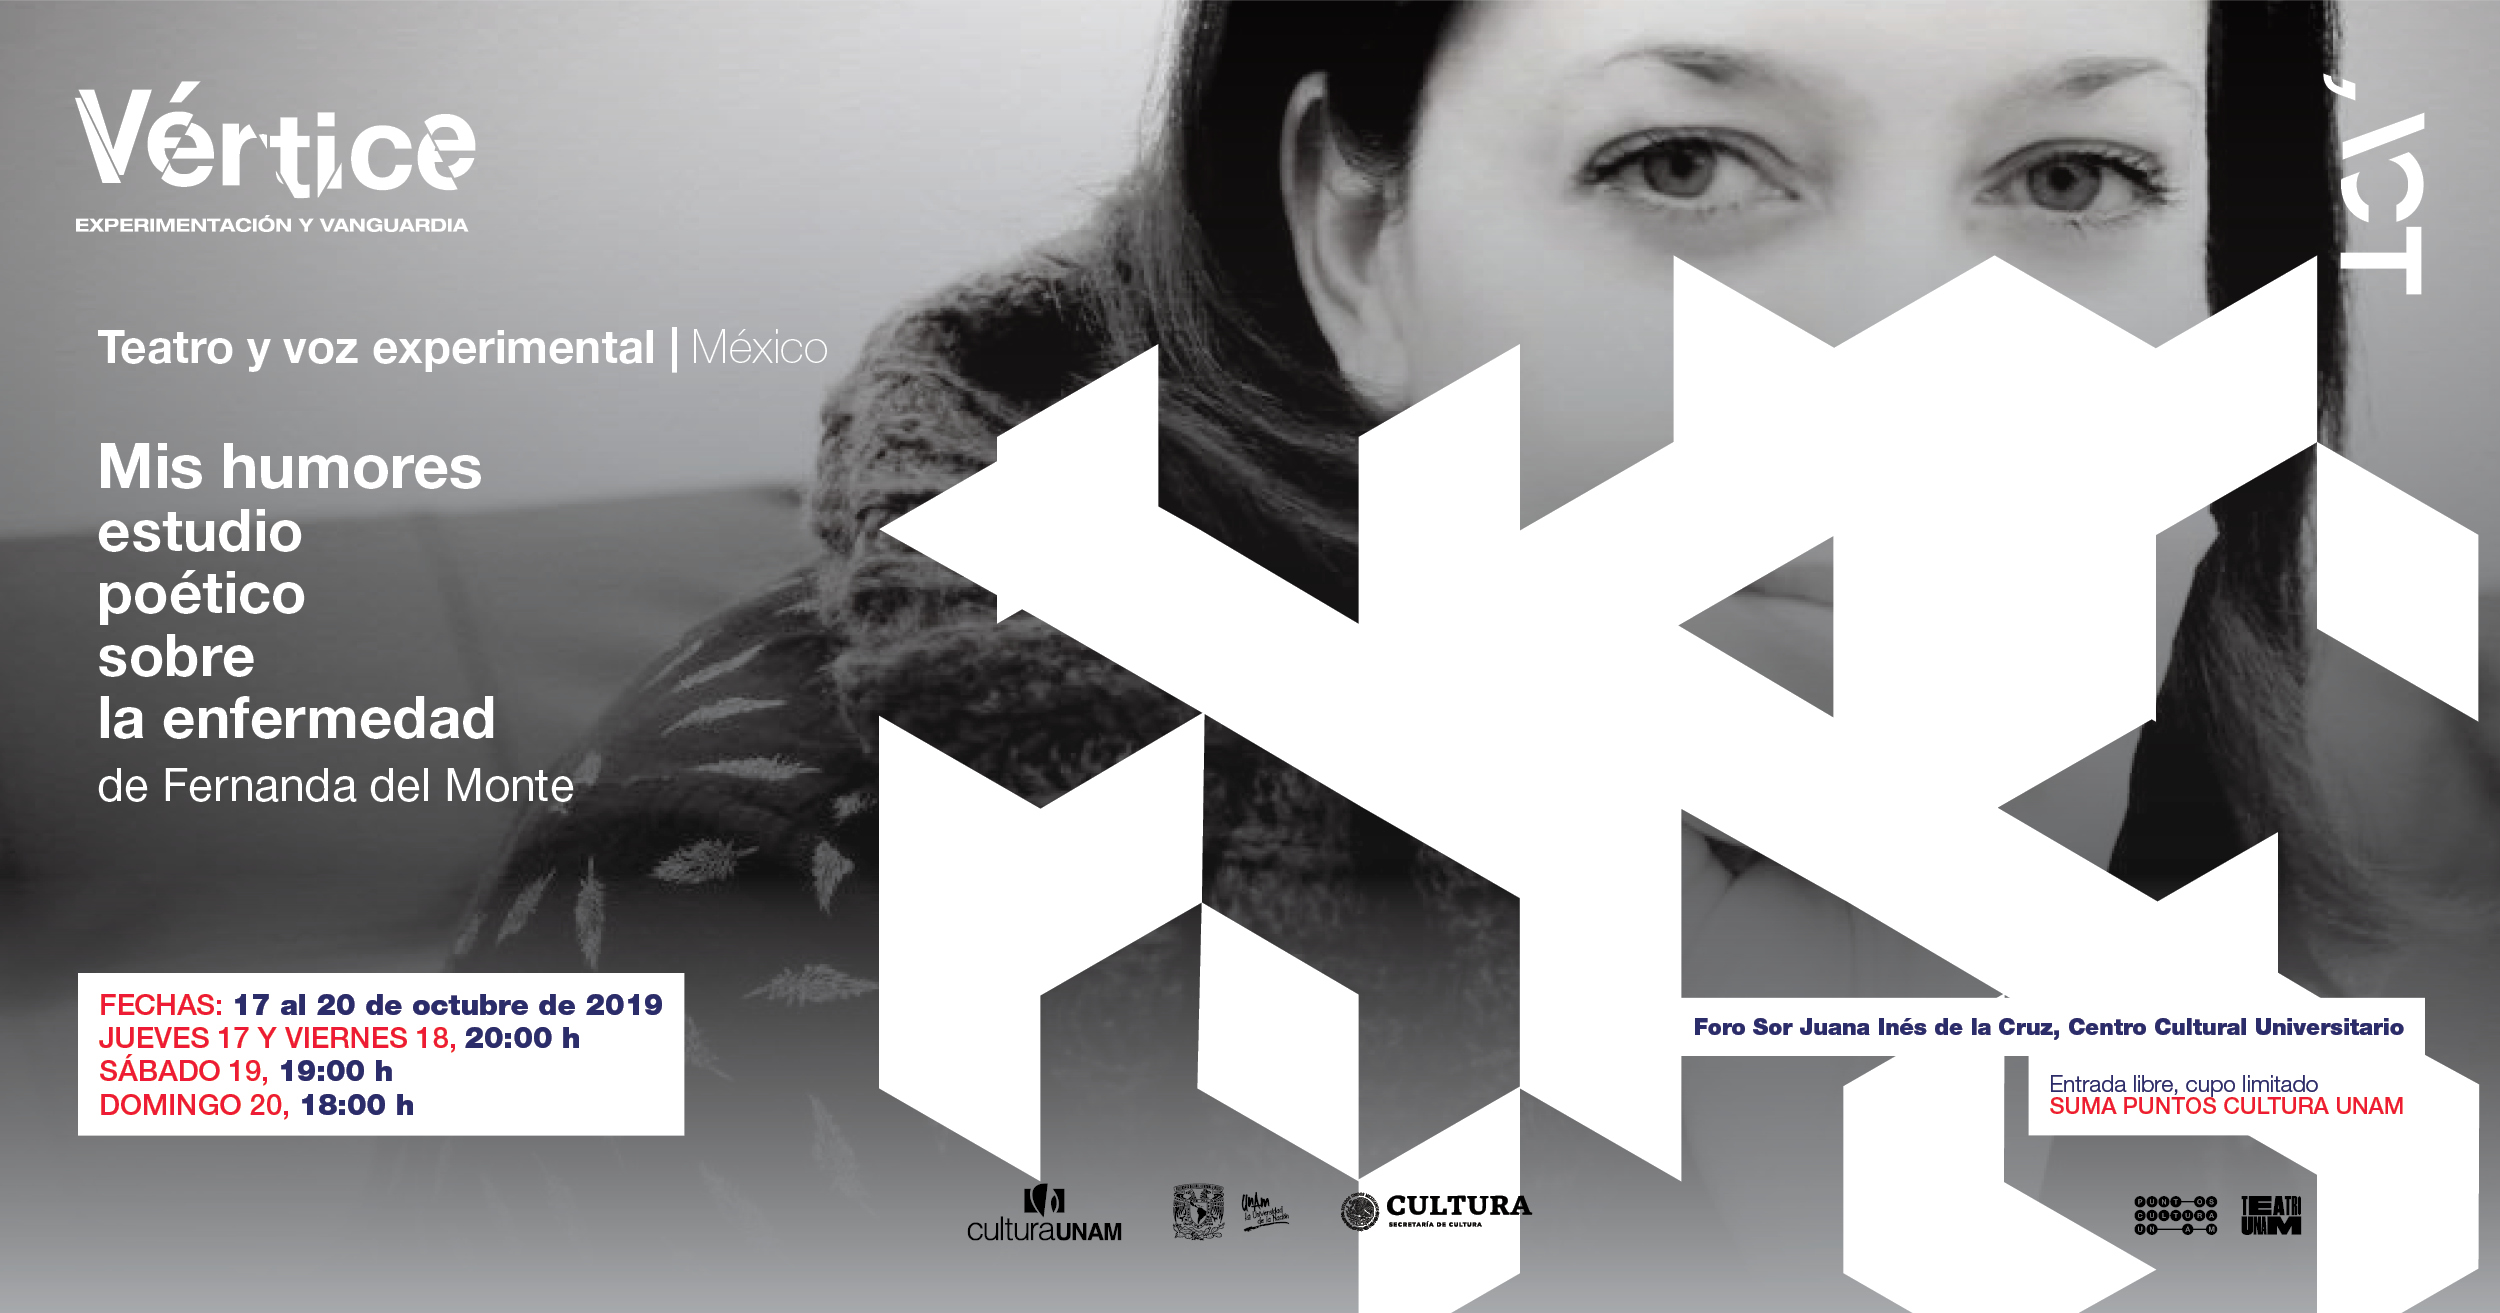 Mis humores, estudio poético sobre la enfermedad en el festival Vértice. Experimentación y Vanguardia 2019